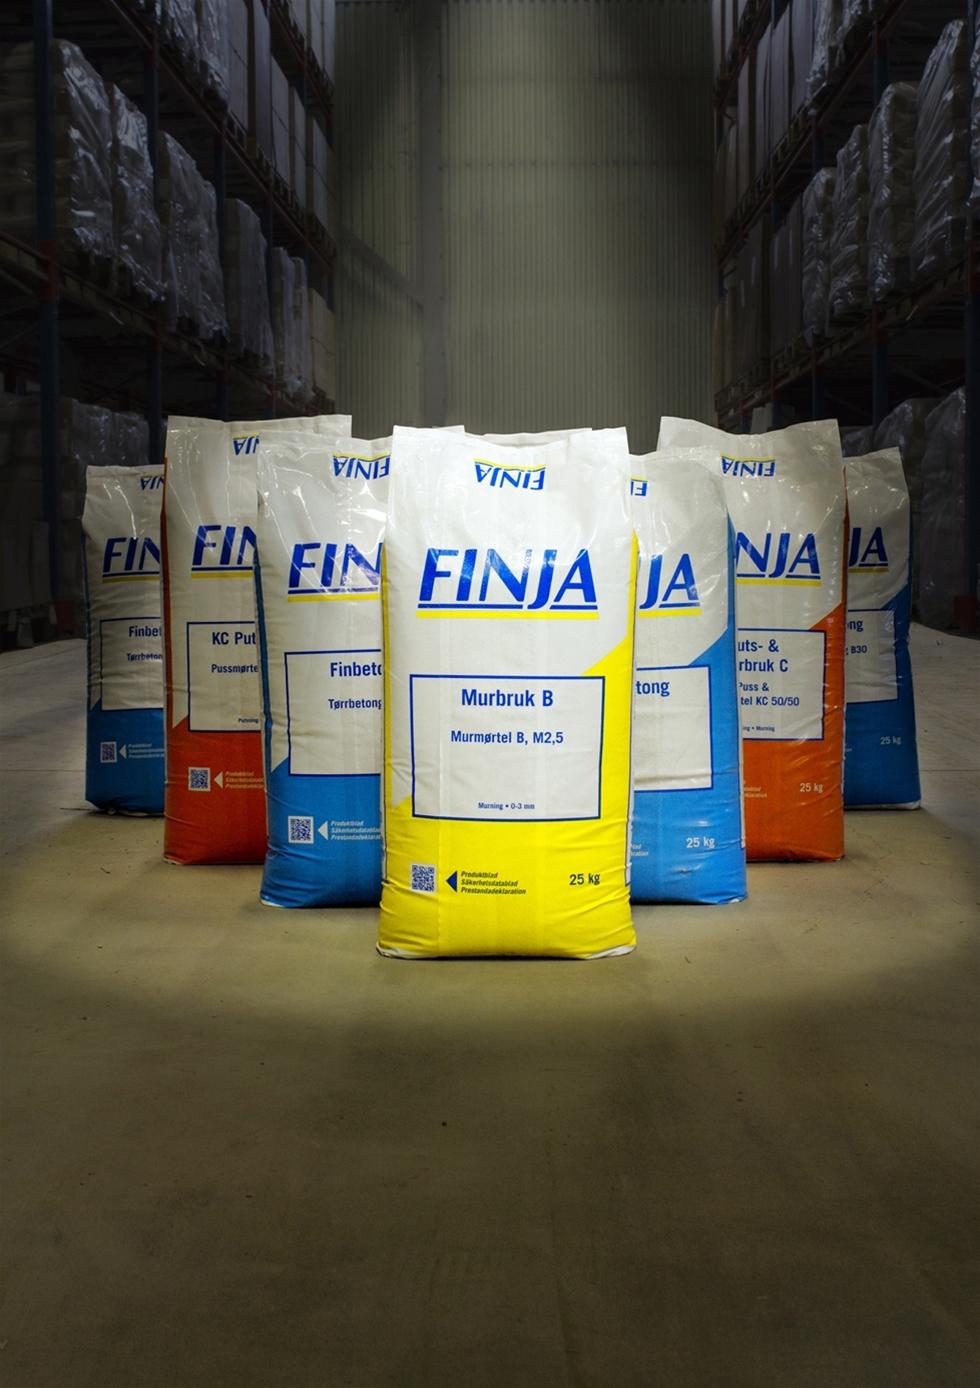 Nu lanserar Finja helt nya förpackningar för våra torrbruksfavoriter. Det blir slitstarka säckar av plast som byter om från papper till plast.